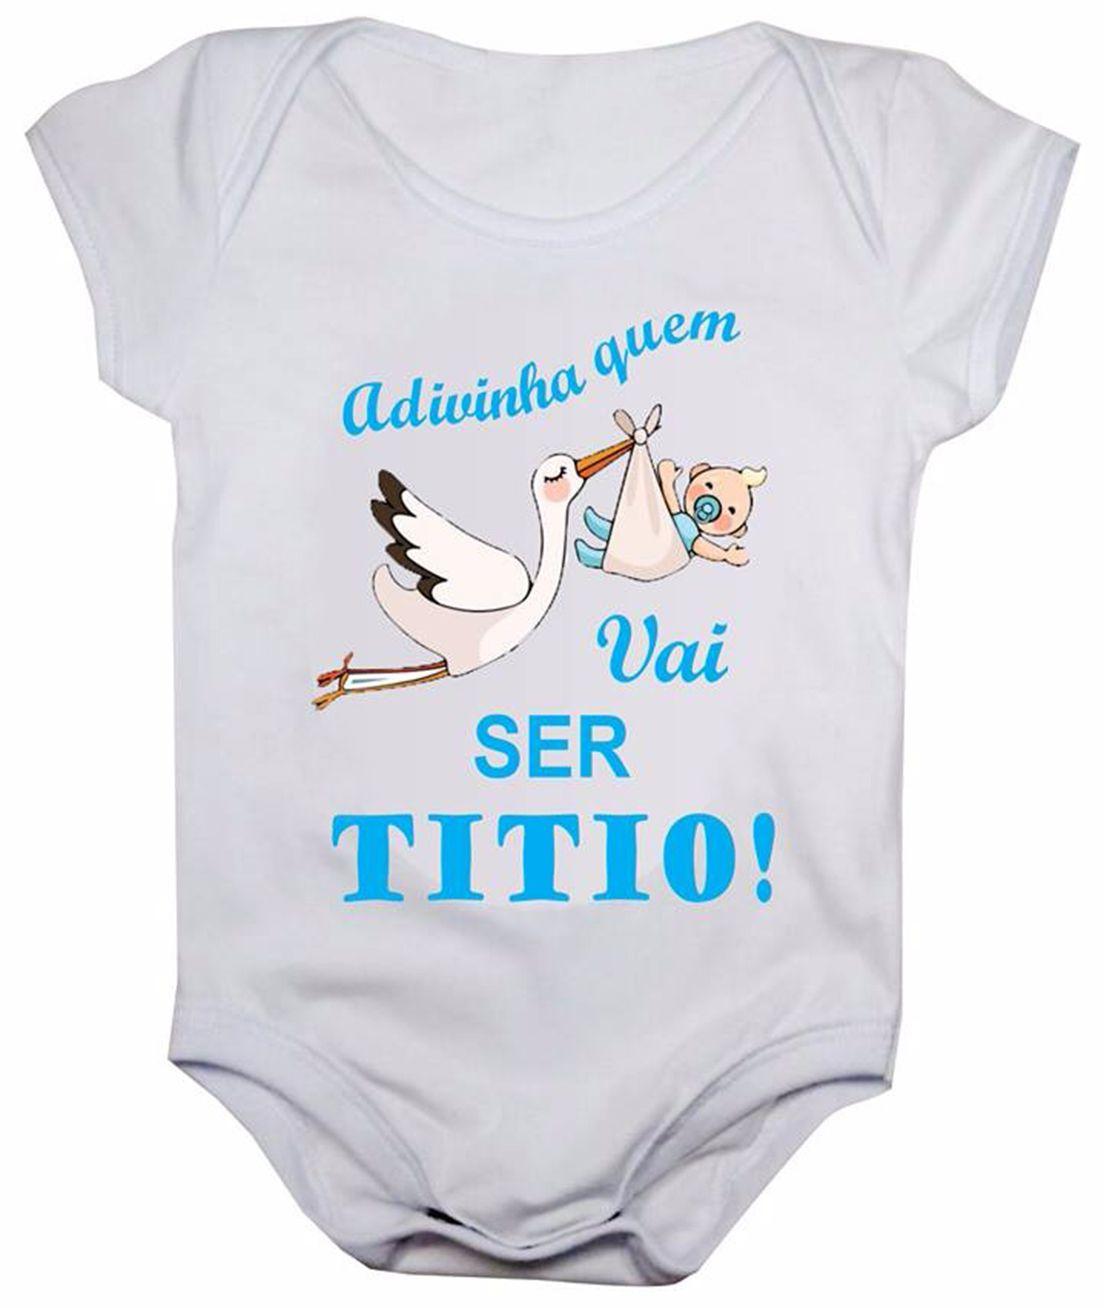 Body de bebê manga curta estampa adivinha quem vai ser titio